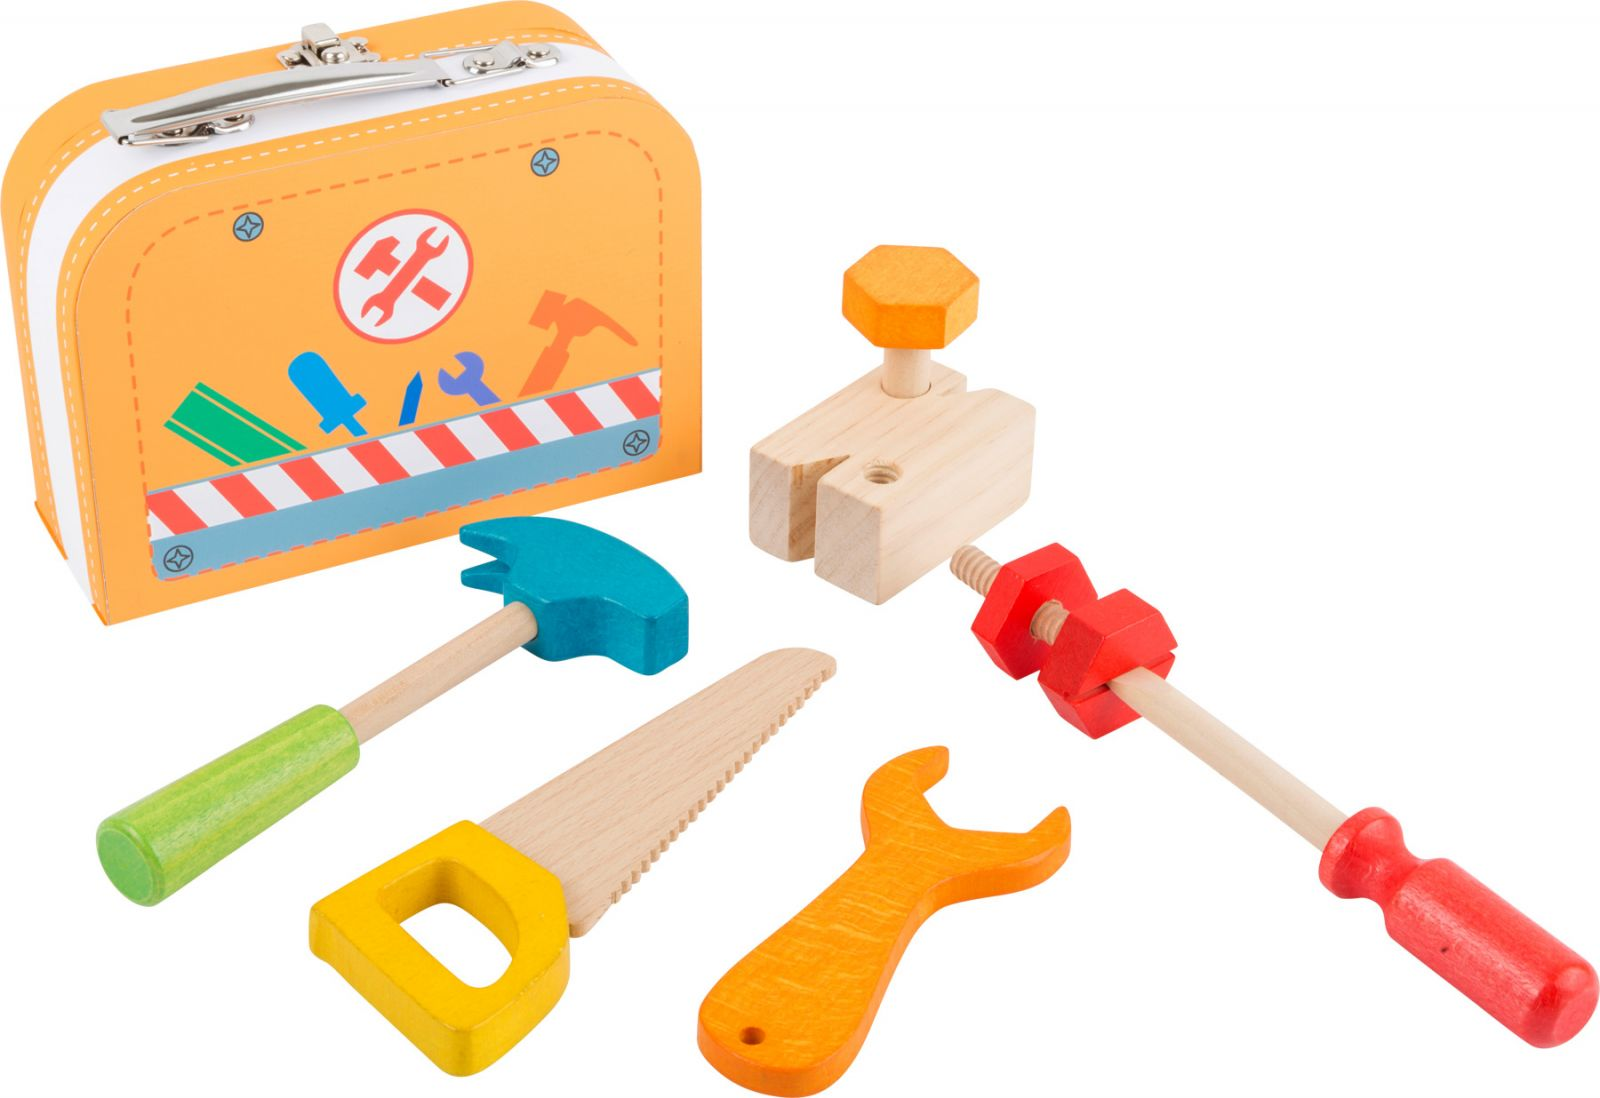 Dřevěné hračky Small Foot Dřevěné nářadí v kufříku Small foot by Legler